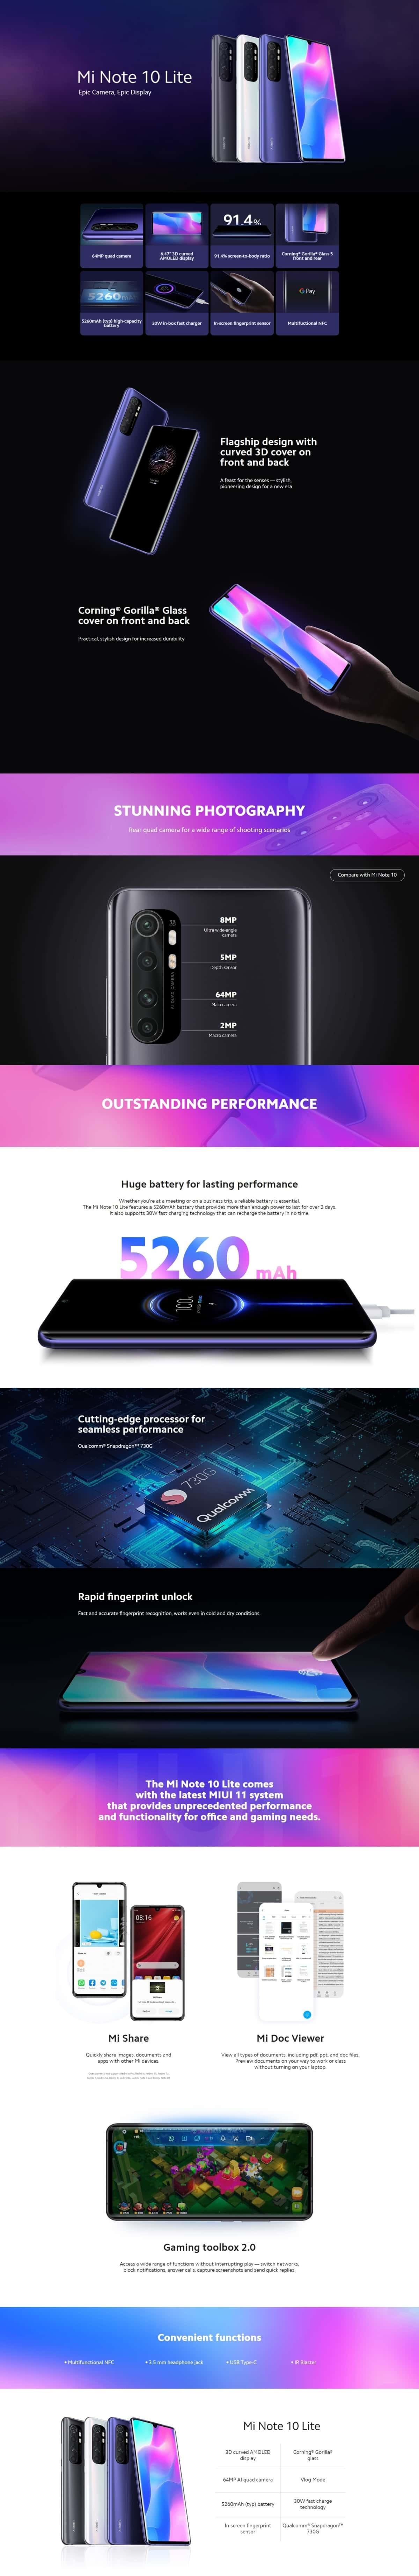 Xiaomi-Mi-Note-10-Lite5f99c408b19facdb.jpg